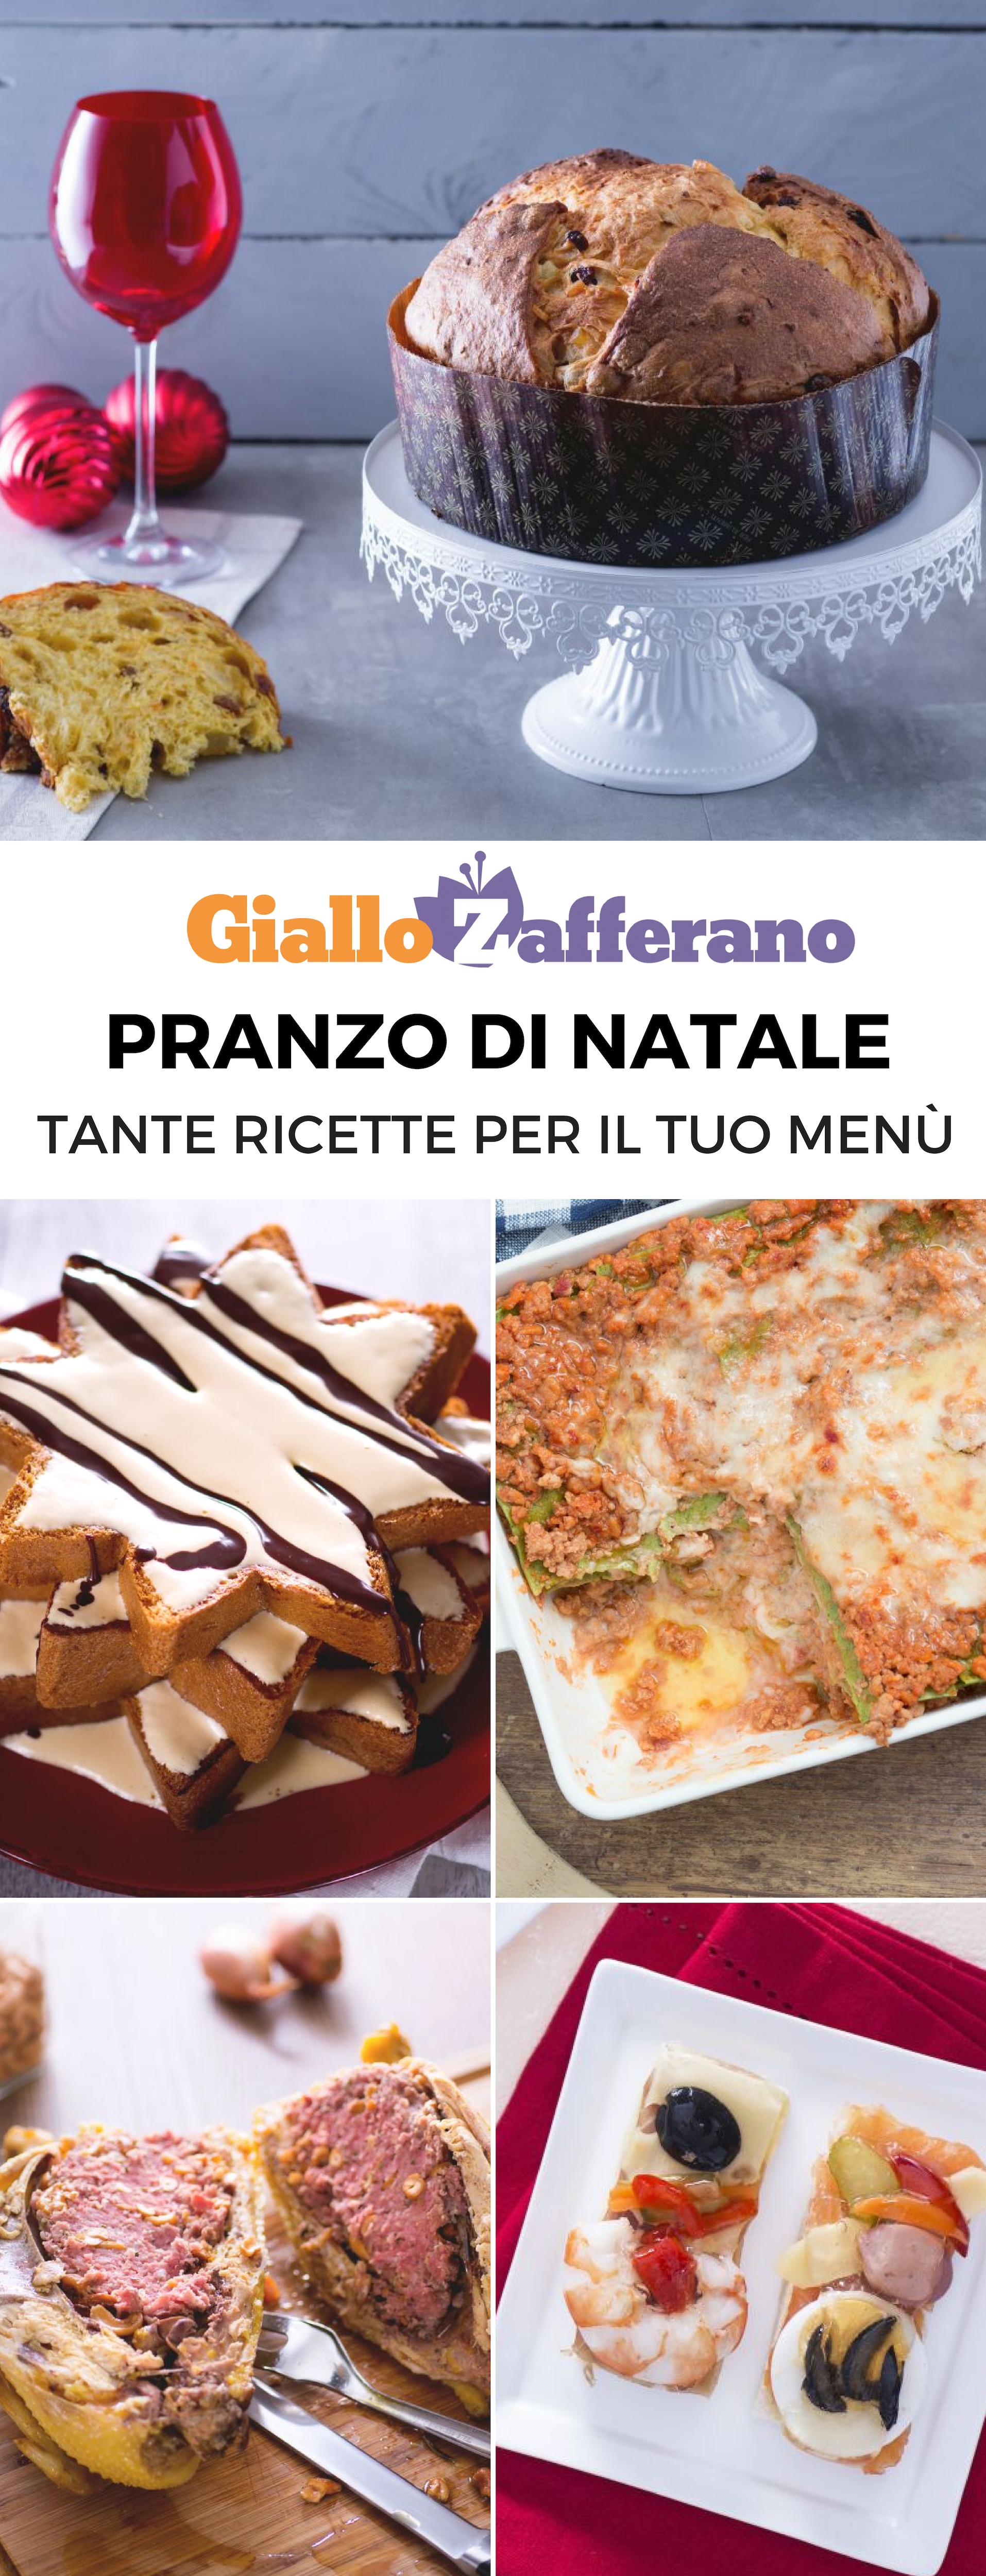 Menu Di Natale Ricette Giallo Zafferano.Pranzo Di Natale Le Migliori Ricette Ricette Idee Alimentari Pasti Italiani